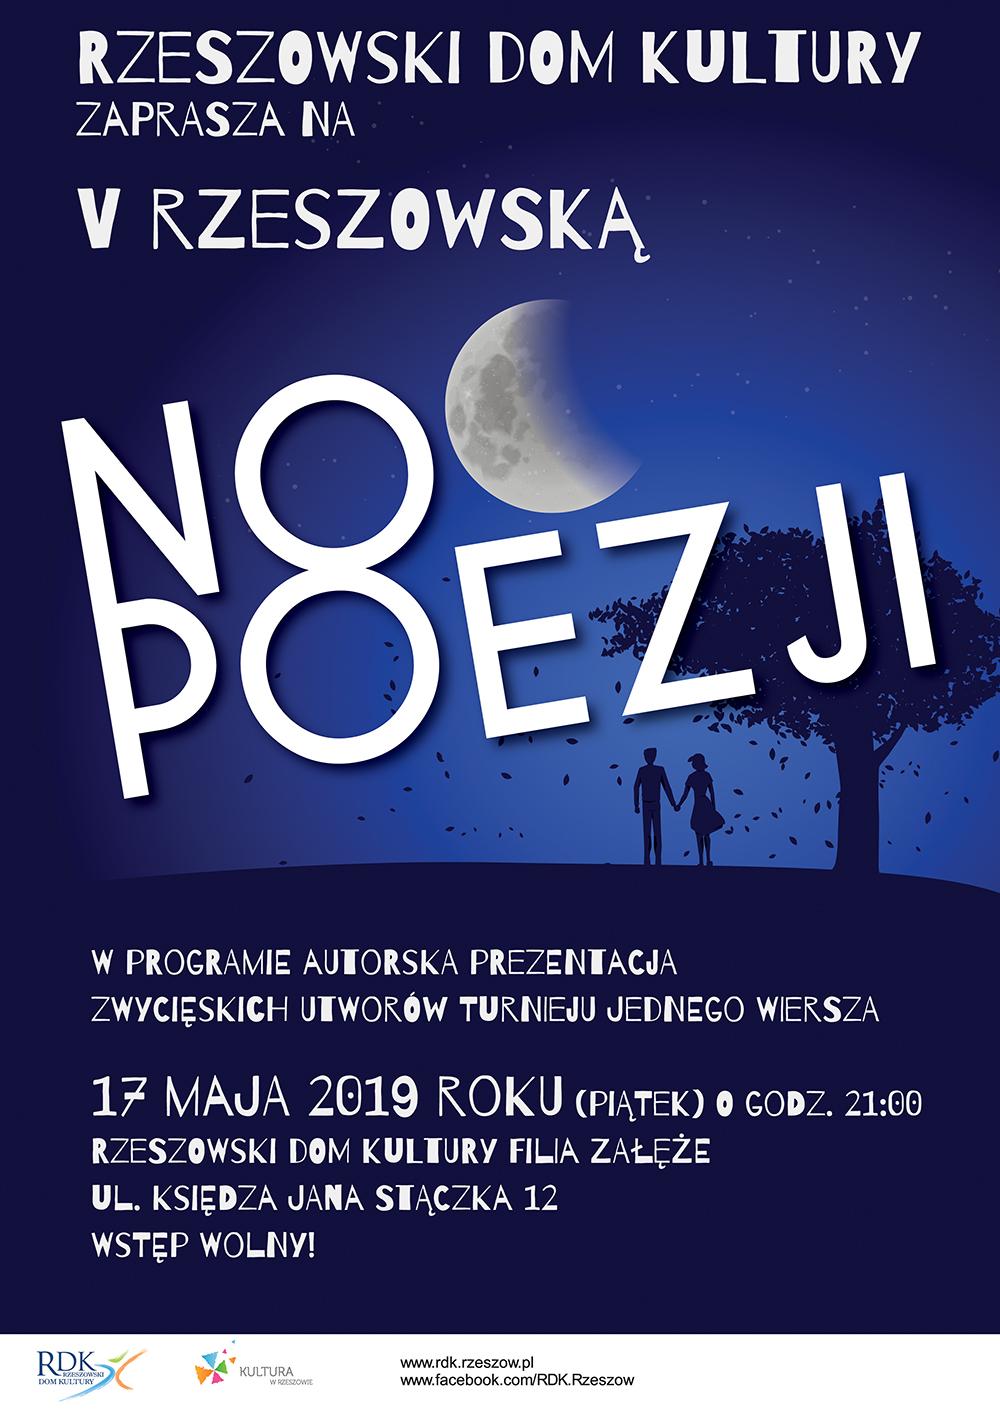 17 Maja 2019 V Rzeszowska Noc Poezji Rzeszowski Dom Kultury